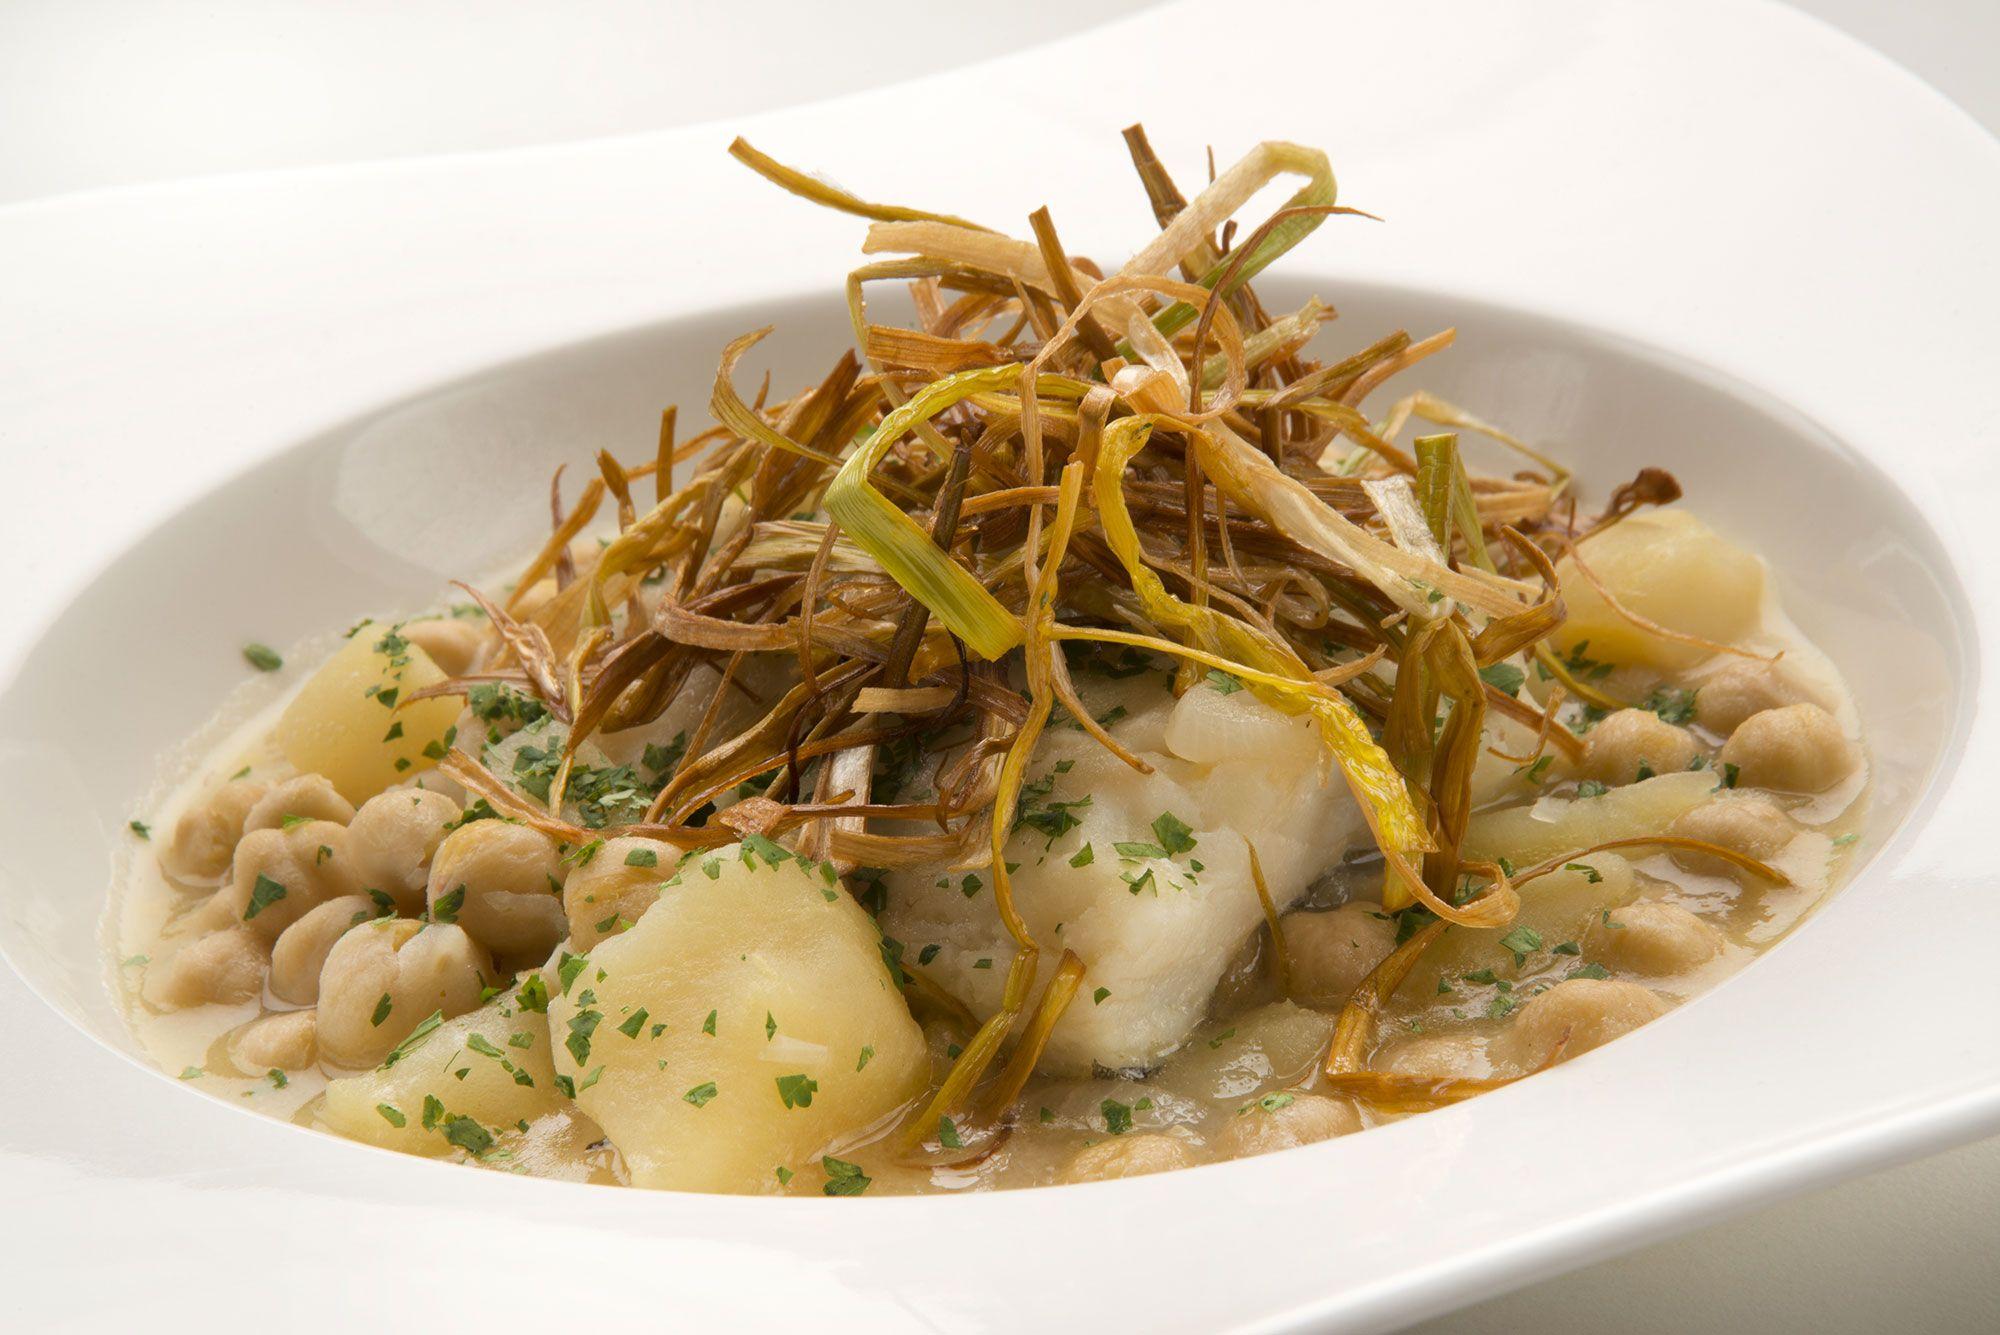 Las recetas de karlos argui ano del 30 de octubre al 3 de - Bacalao con garbanzos y patatas ...